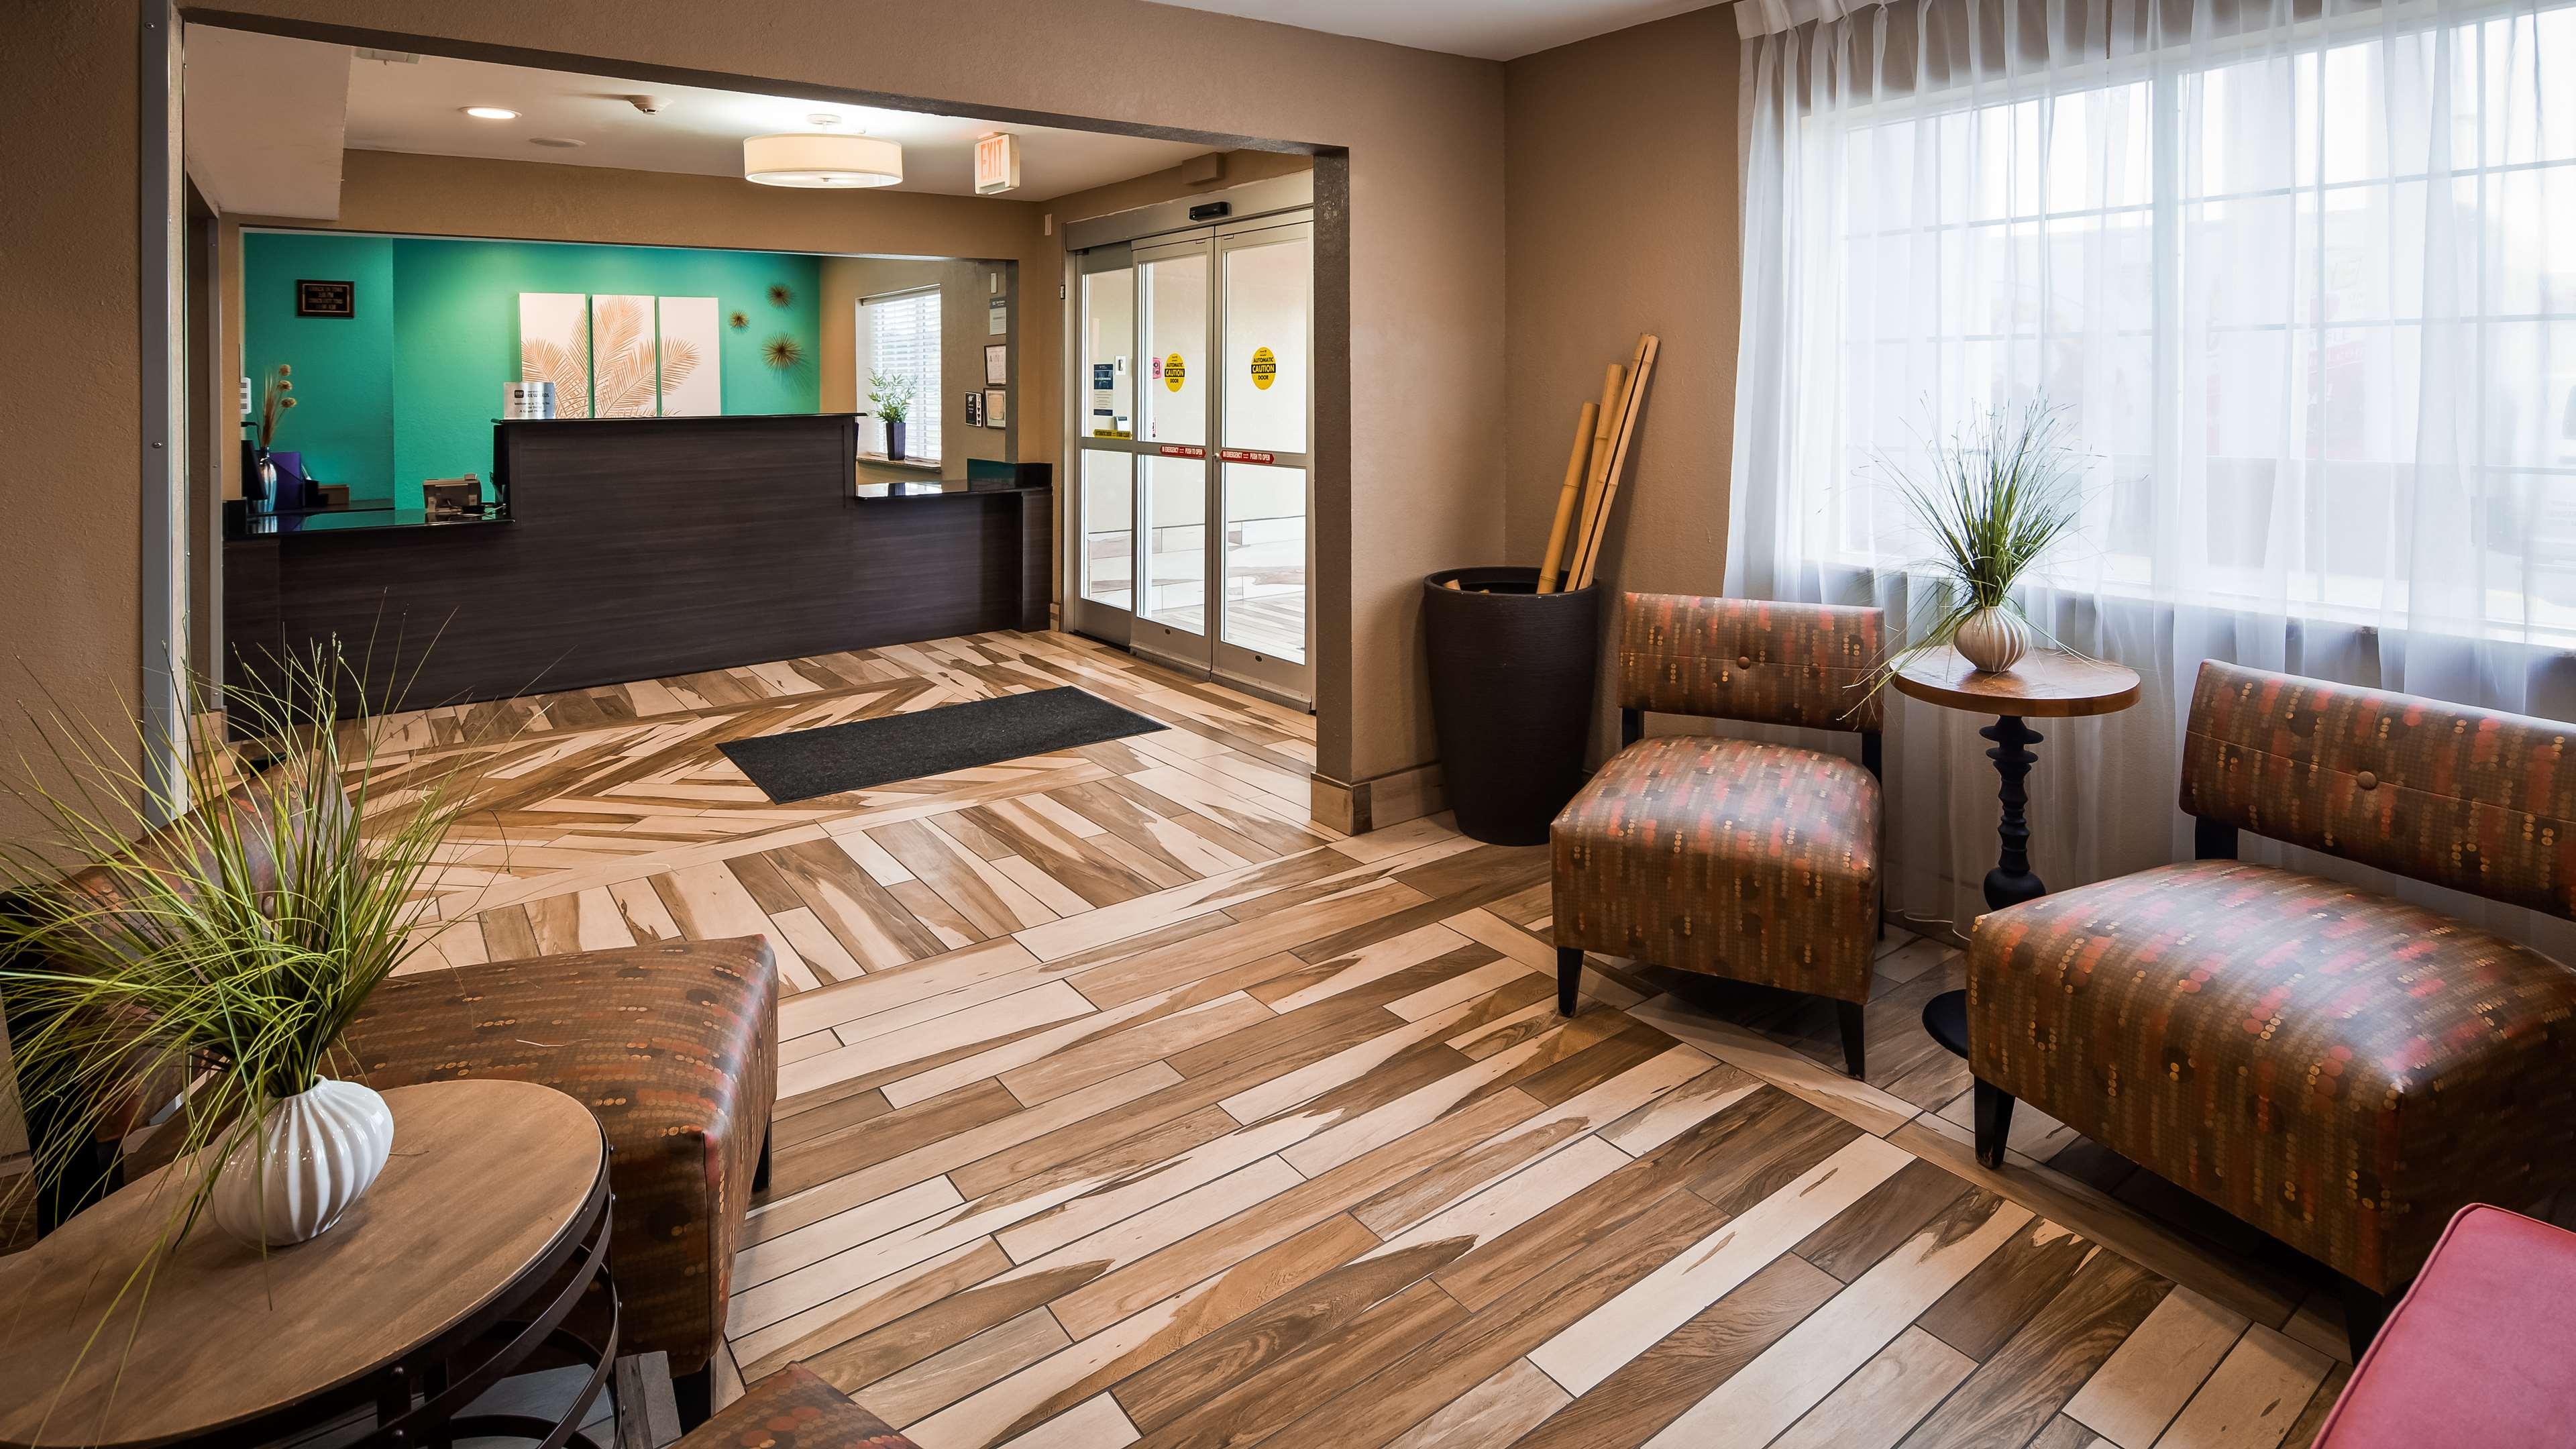 Best Western Plus Elizabeth City Inn & Suites image 3